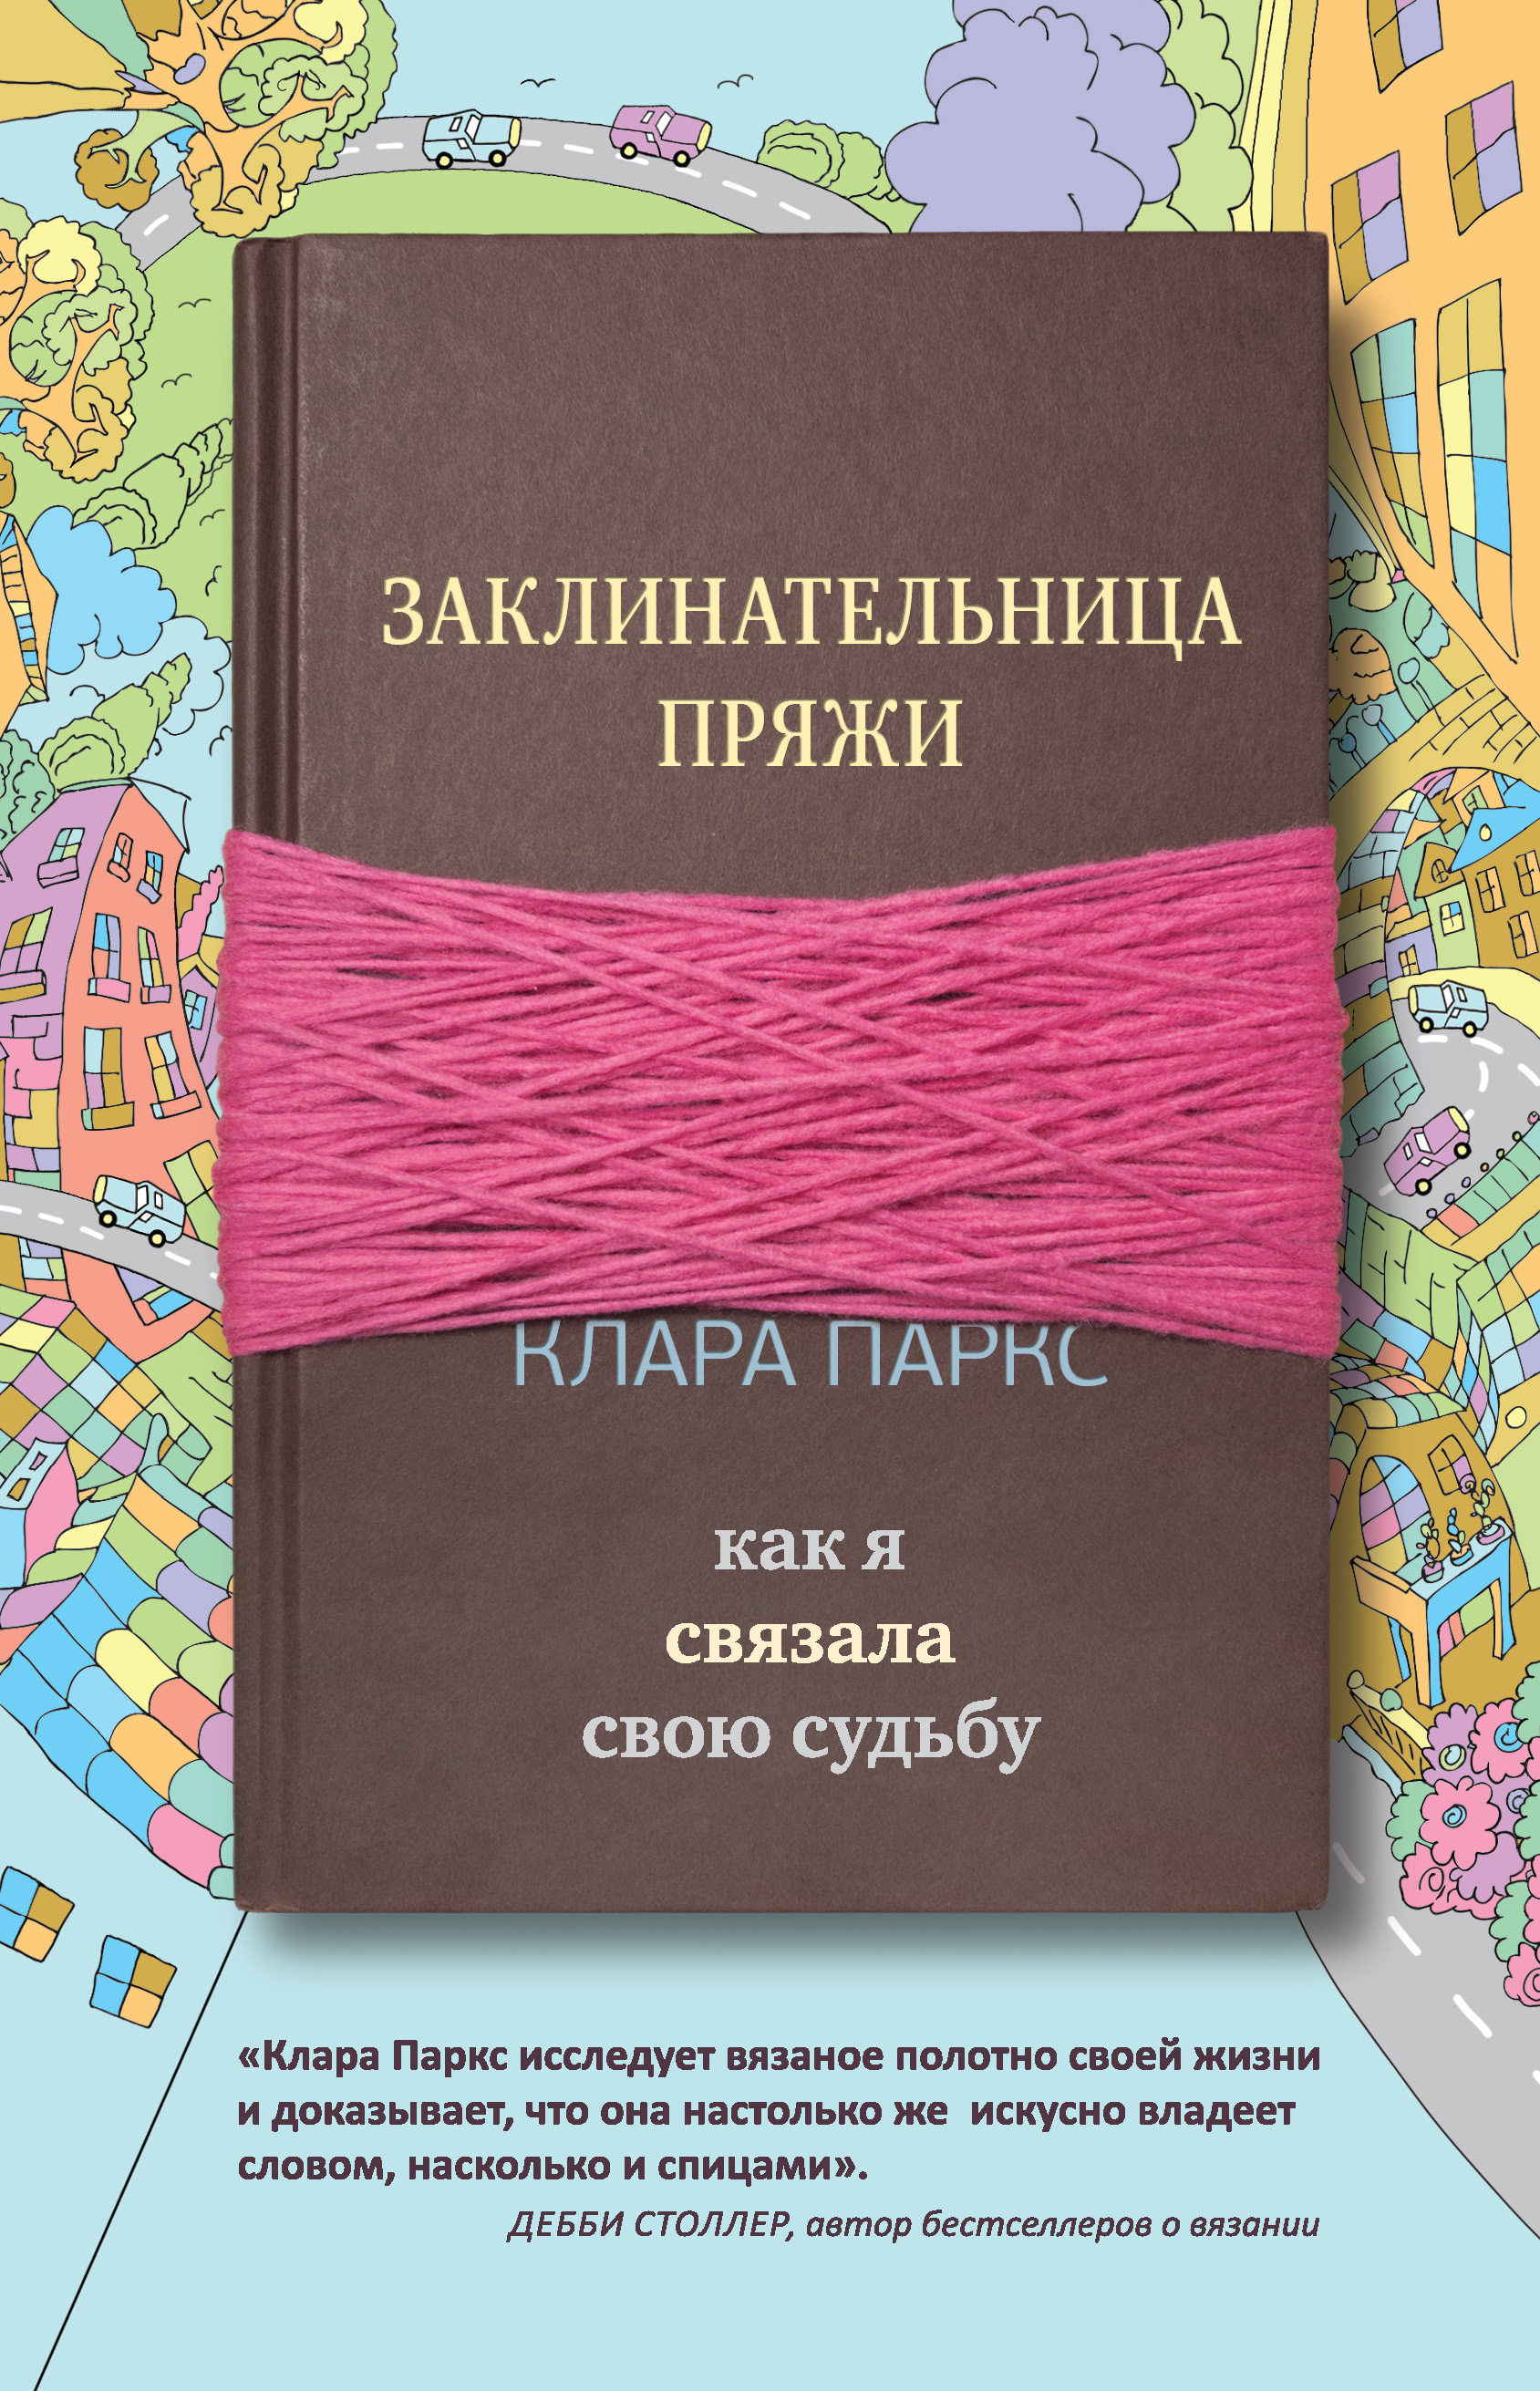 Обложка книги Заклинательница пряжи. Как я связала свою судьбу